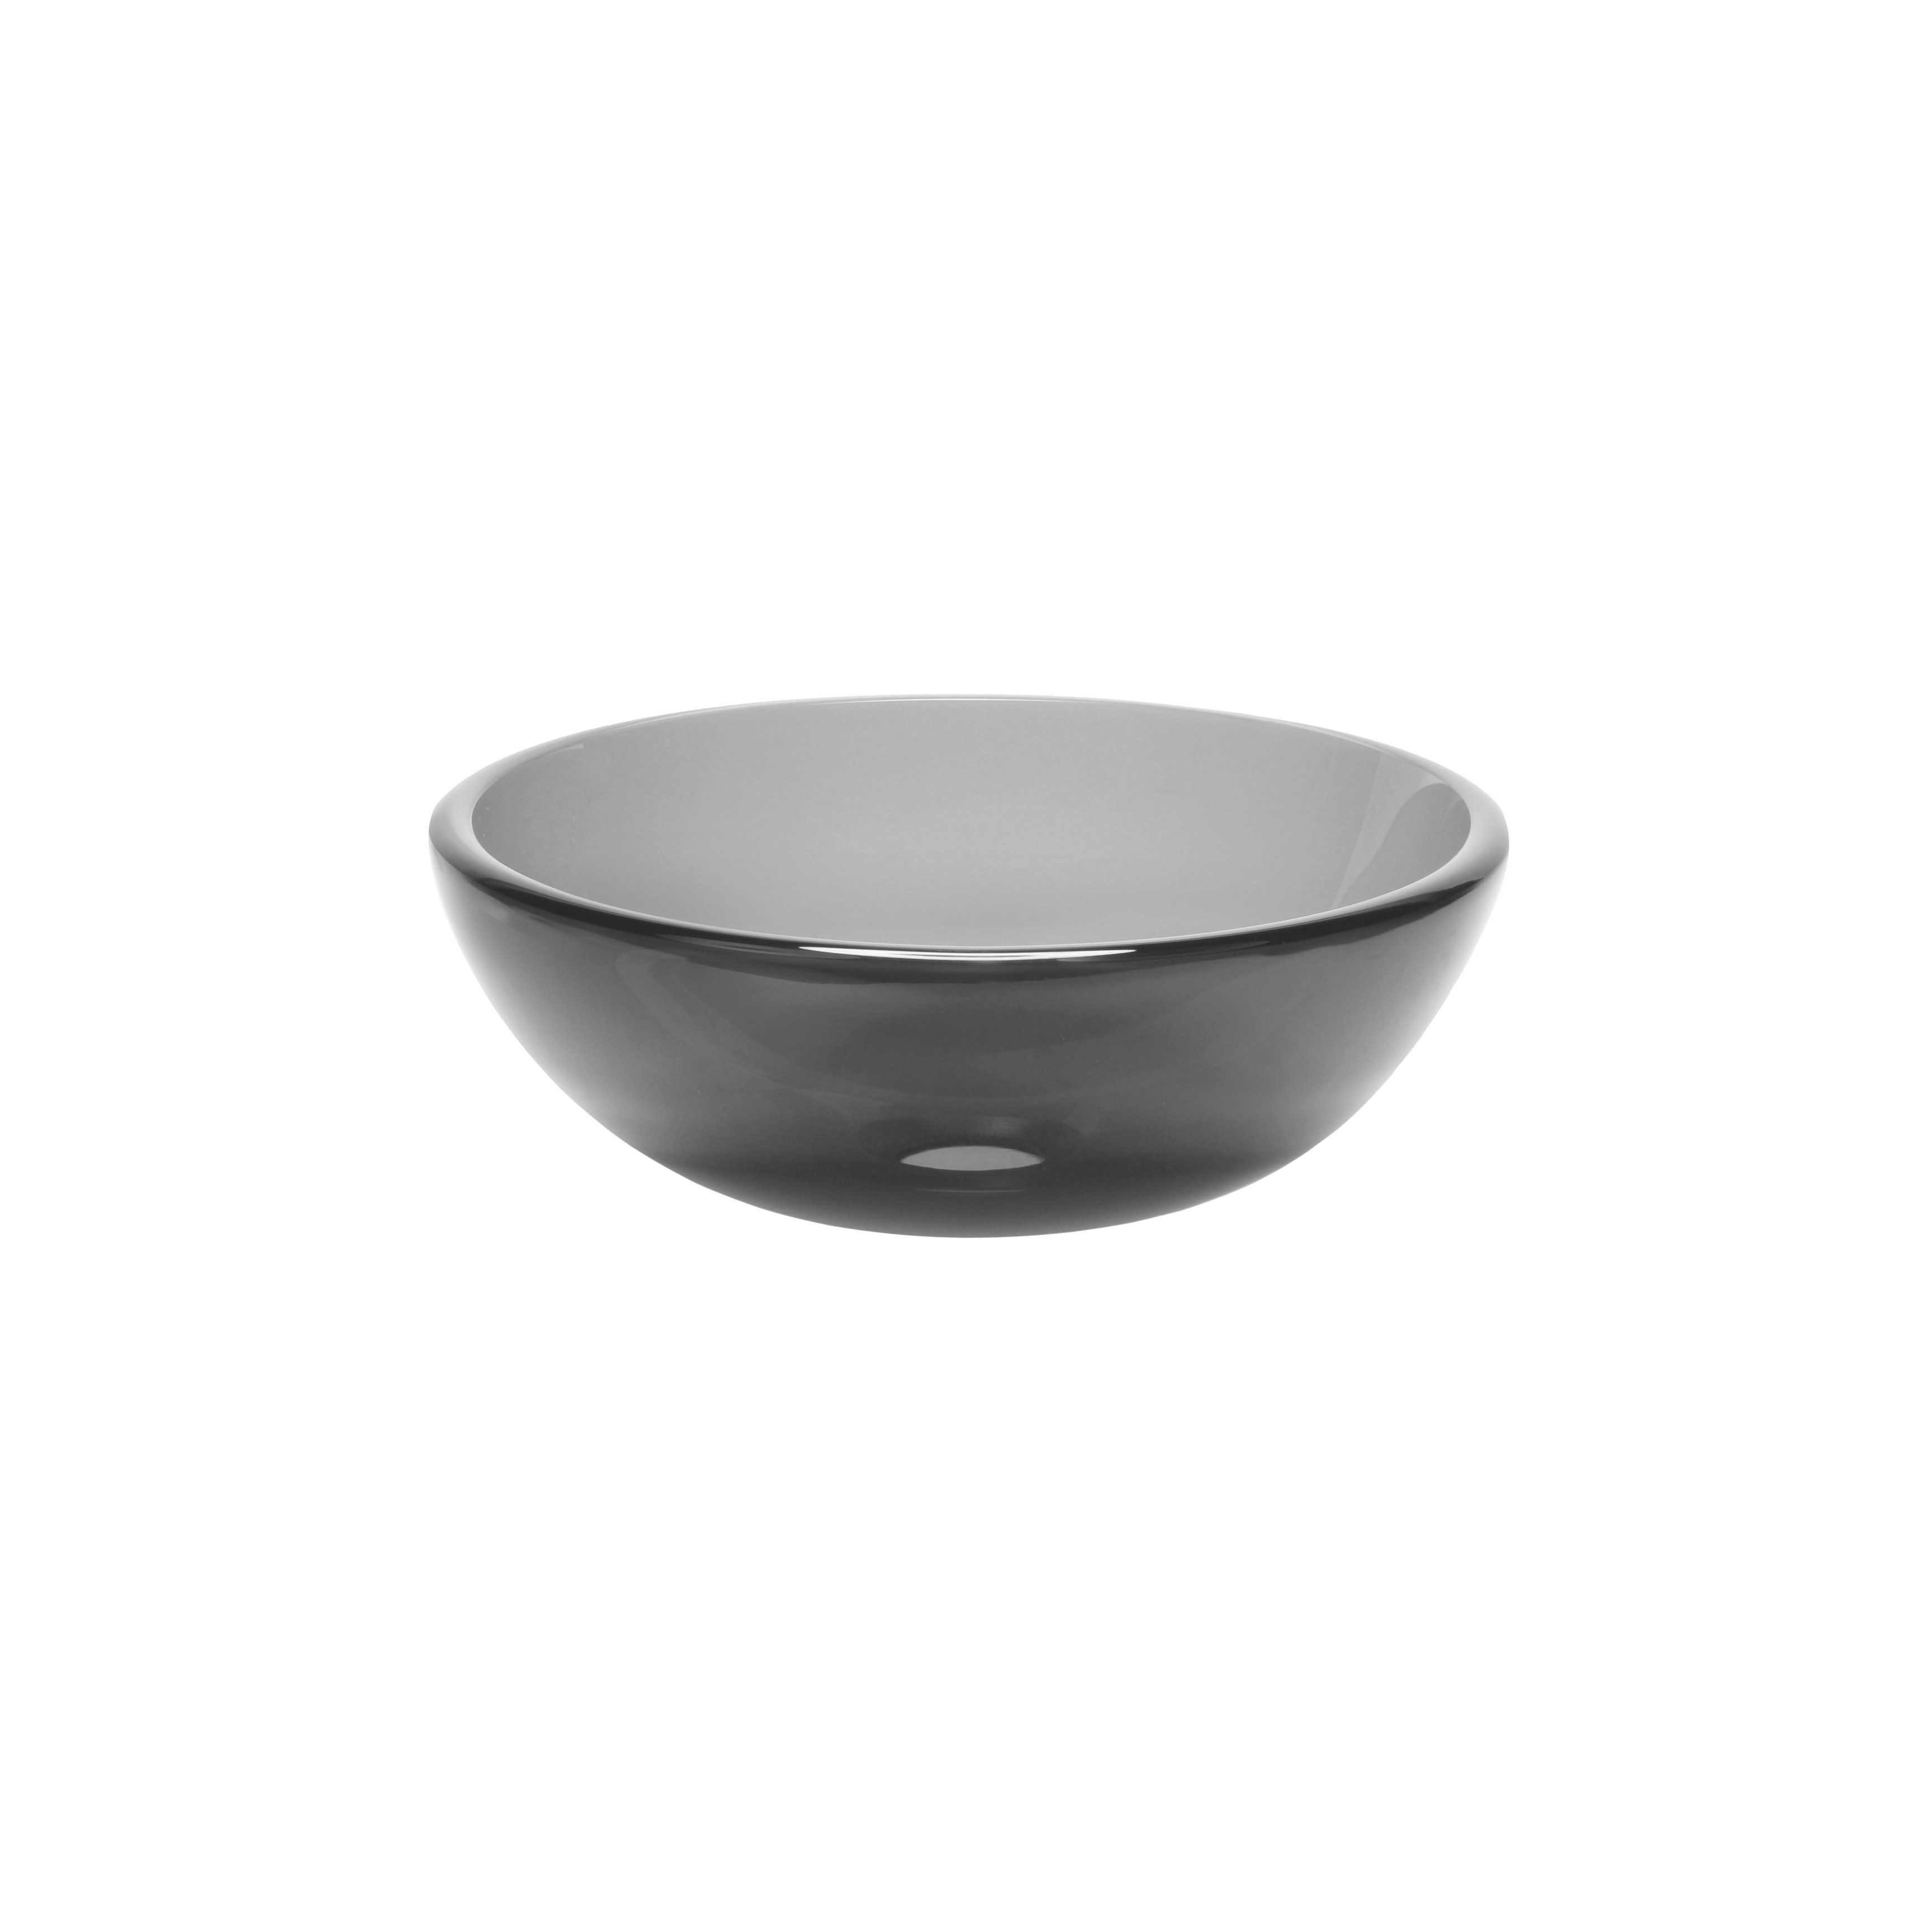 Novatto Grey Mini 12 Inch Glass Vessel Bathroom Sink Gray Glass Vessel Glass Vessel Sinks Grey Glass